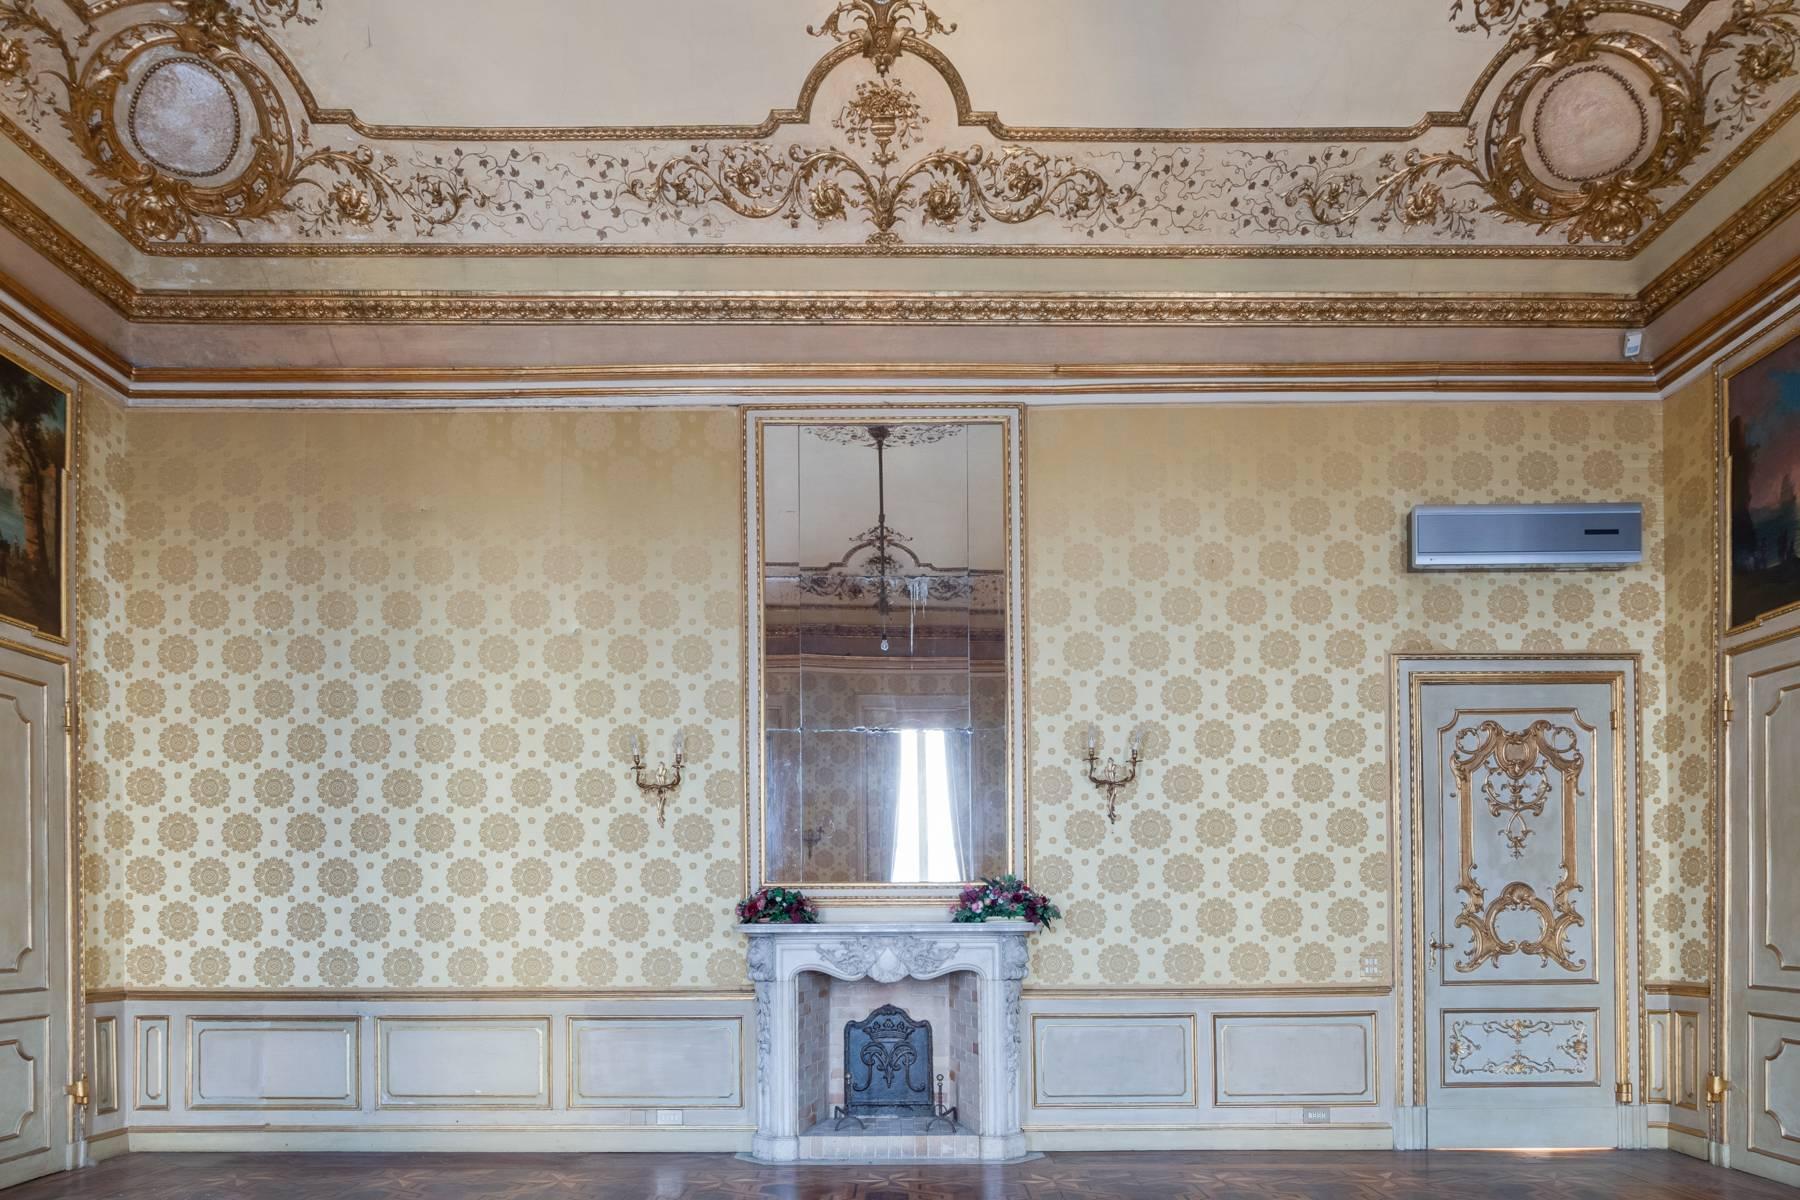 Luxus-Wohnung im historischen Palast - 9